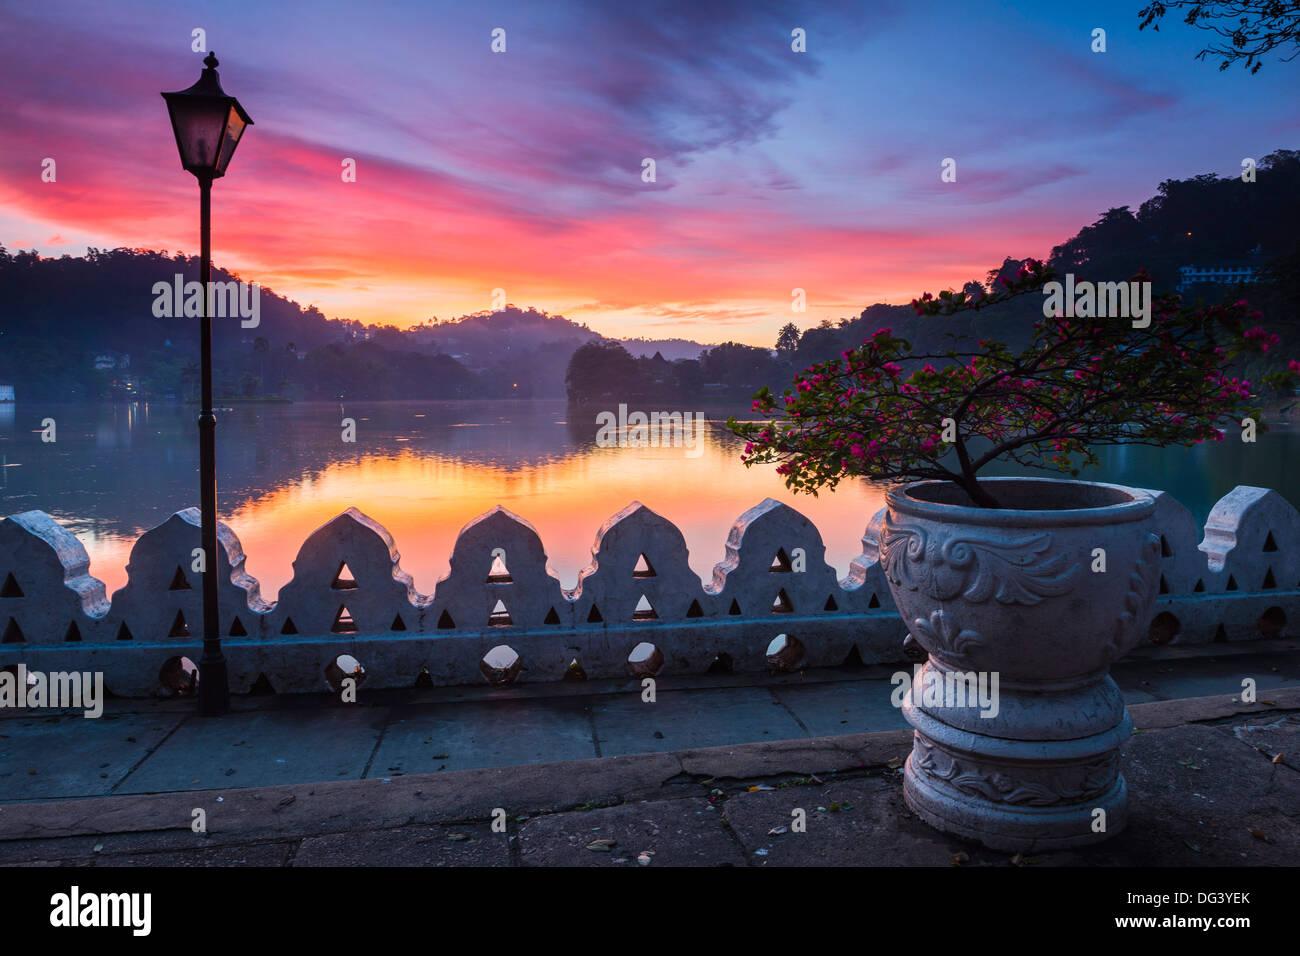 Dramatic sunrise at Kandy Lake and the Clouds Wall (Walakulu Wall), Kandy, Central Province, Sri Lanka, Asia - Stock Image